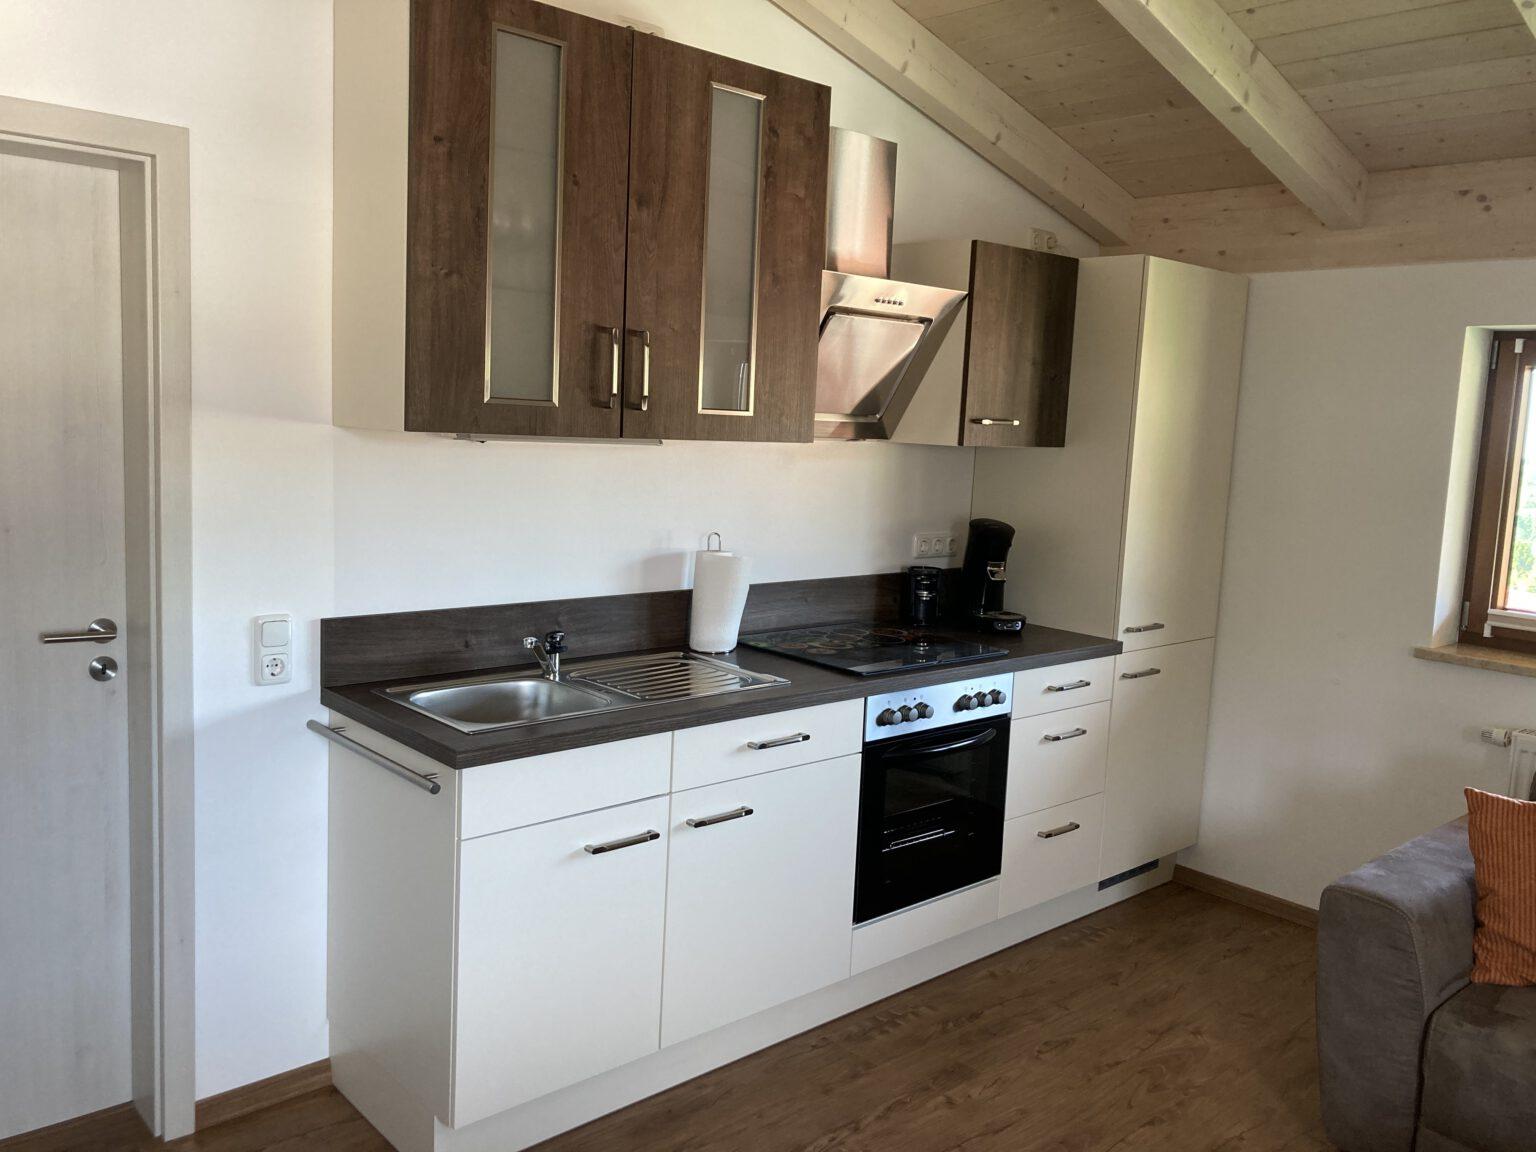 Küche in Ferienwohnung 1 mit Zugang zum Schlafzimmer, Ferienwohnungen Sankt Englmar